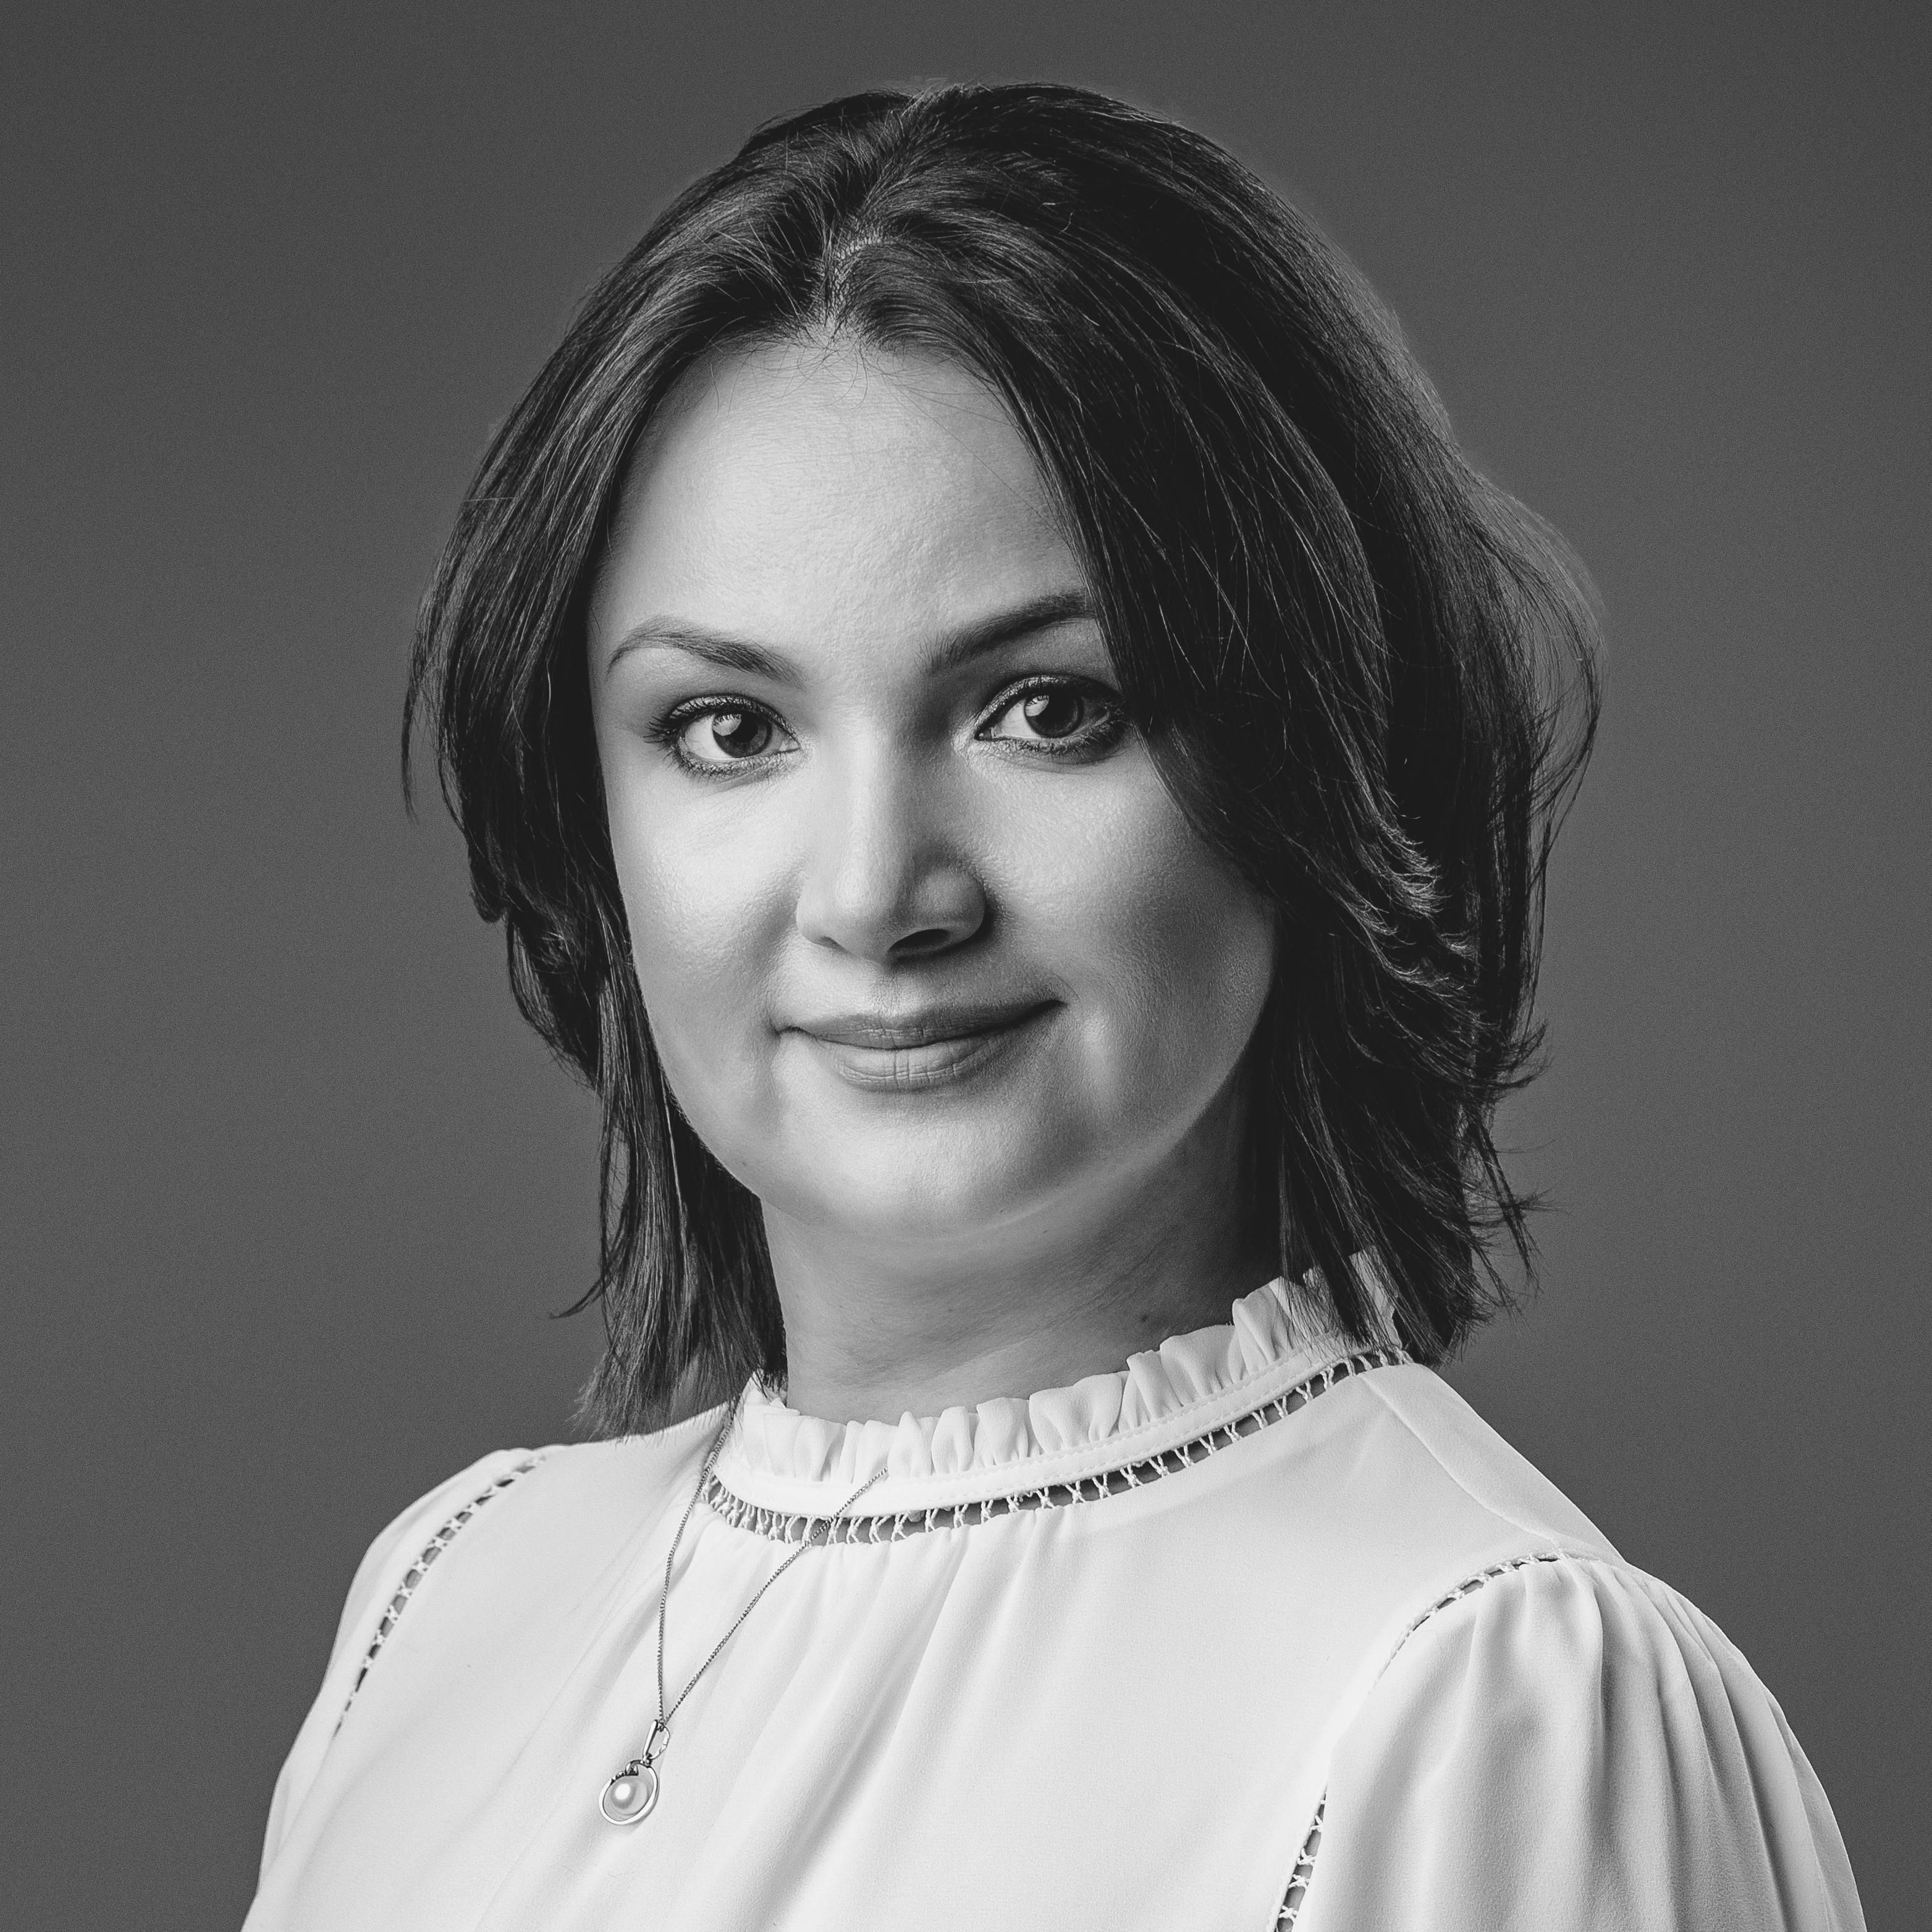 Olga Vertkova